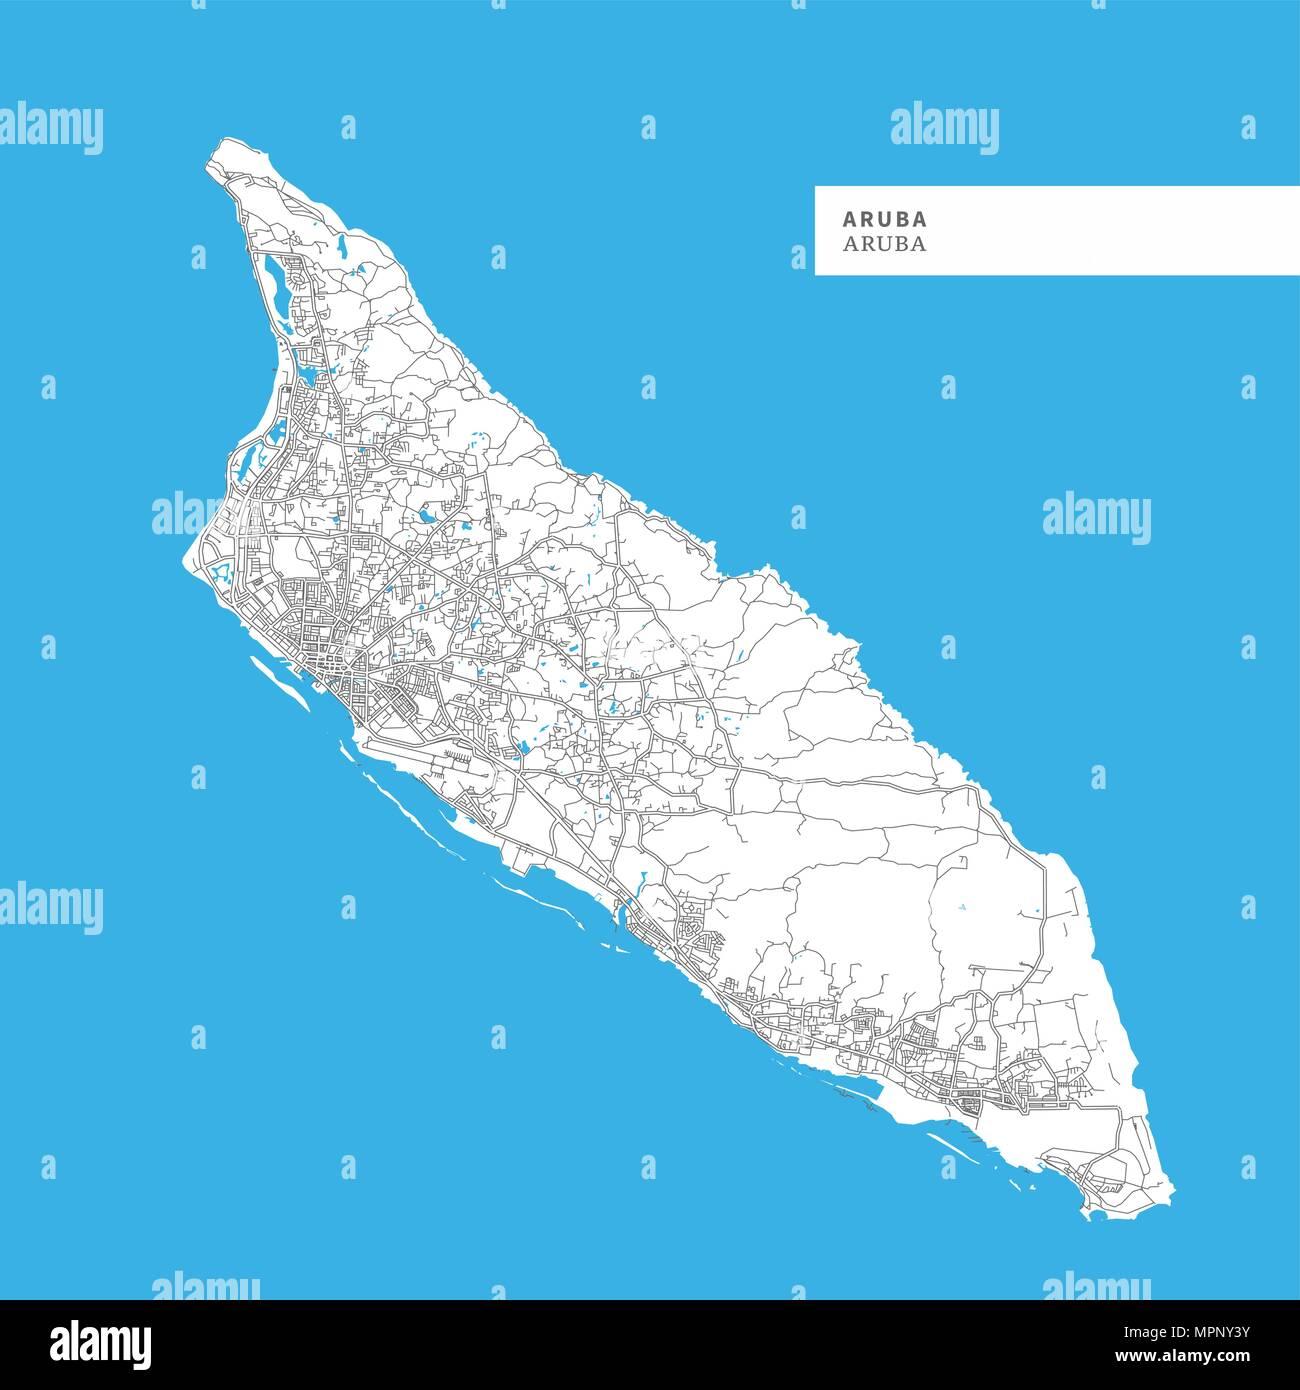 Karte Der Insel Aruba Aruba Enthalt Geographie Skizziert Fur